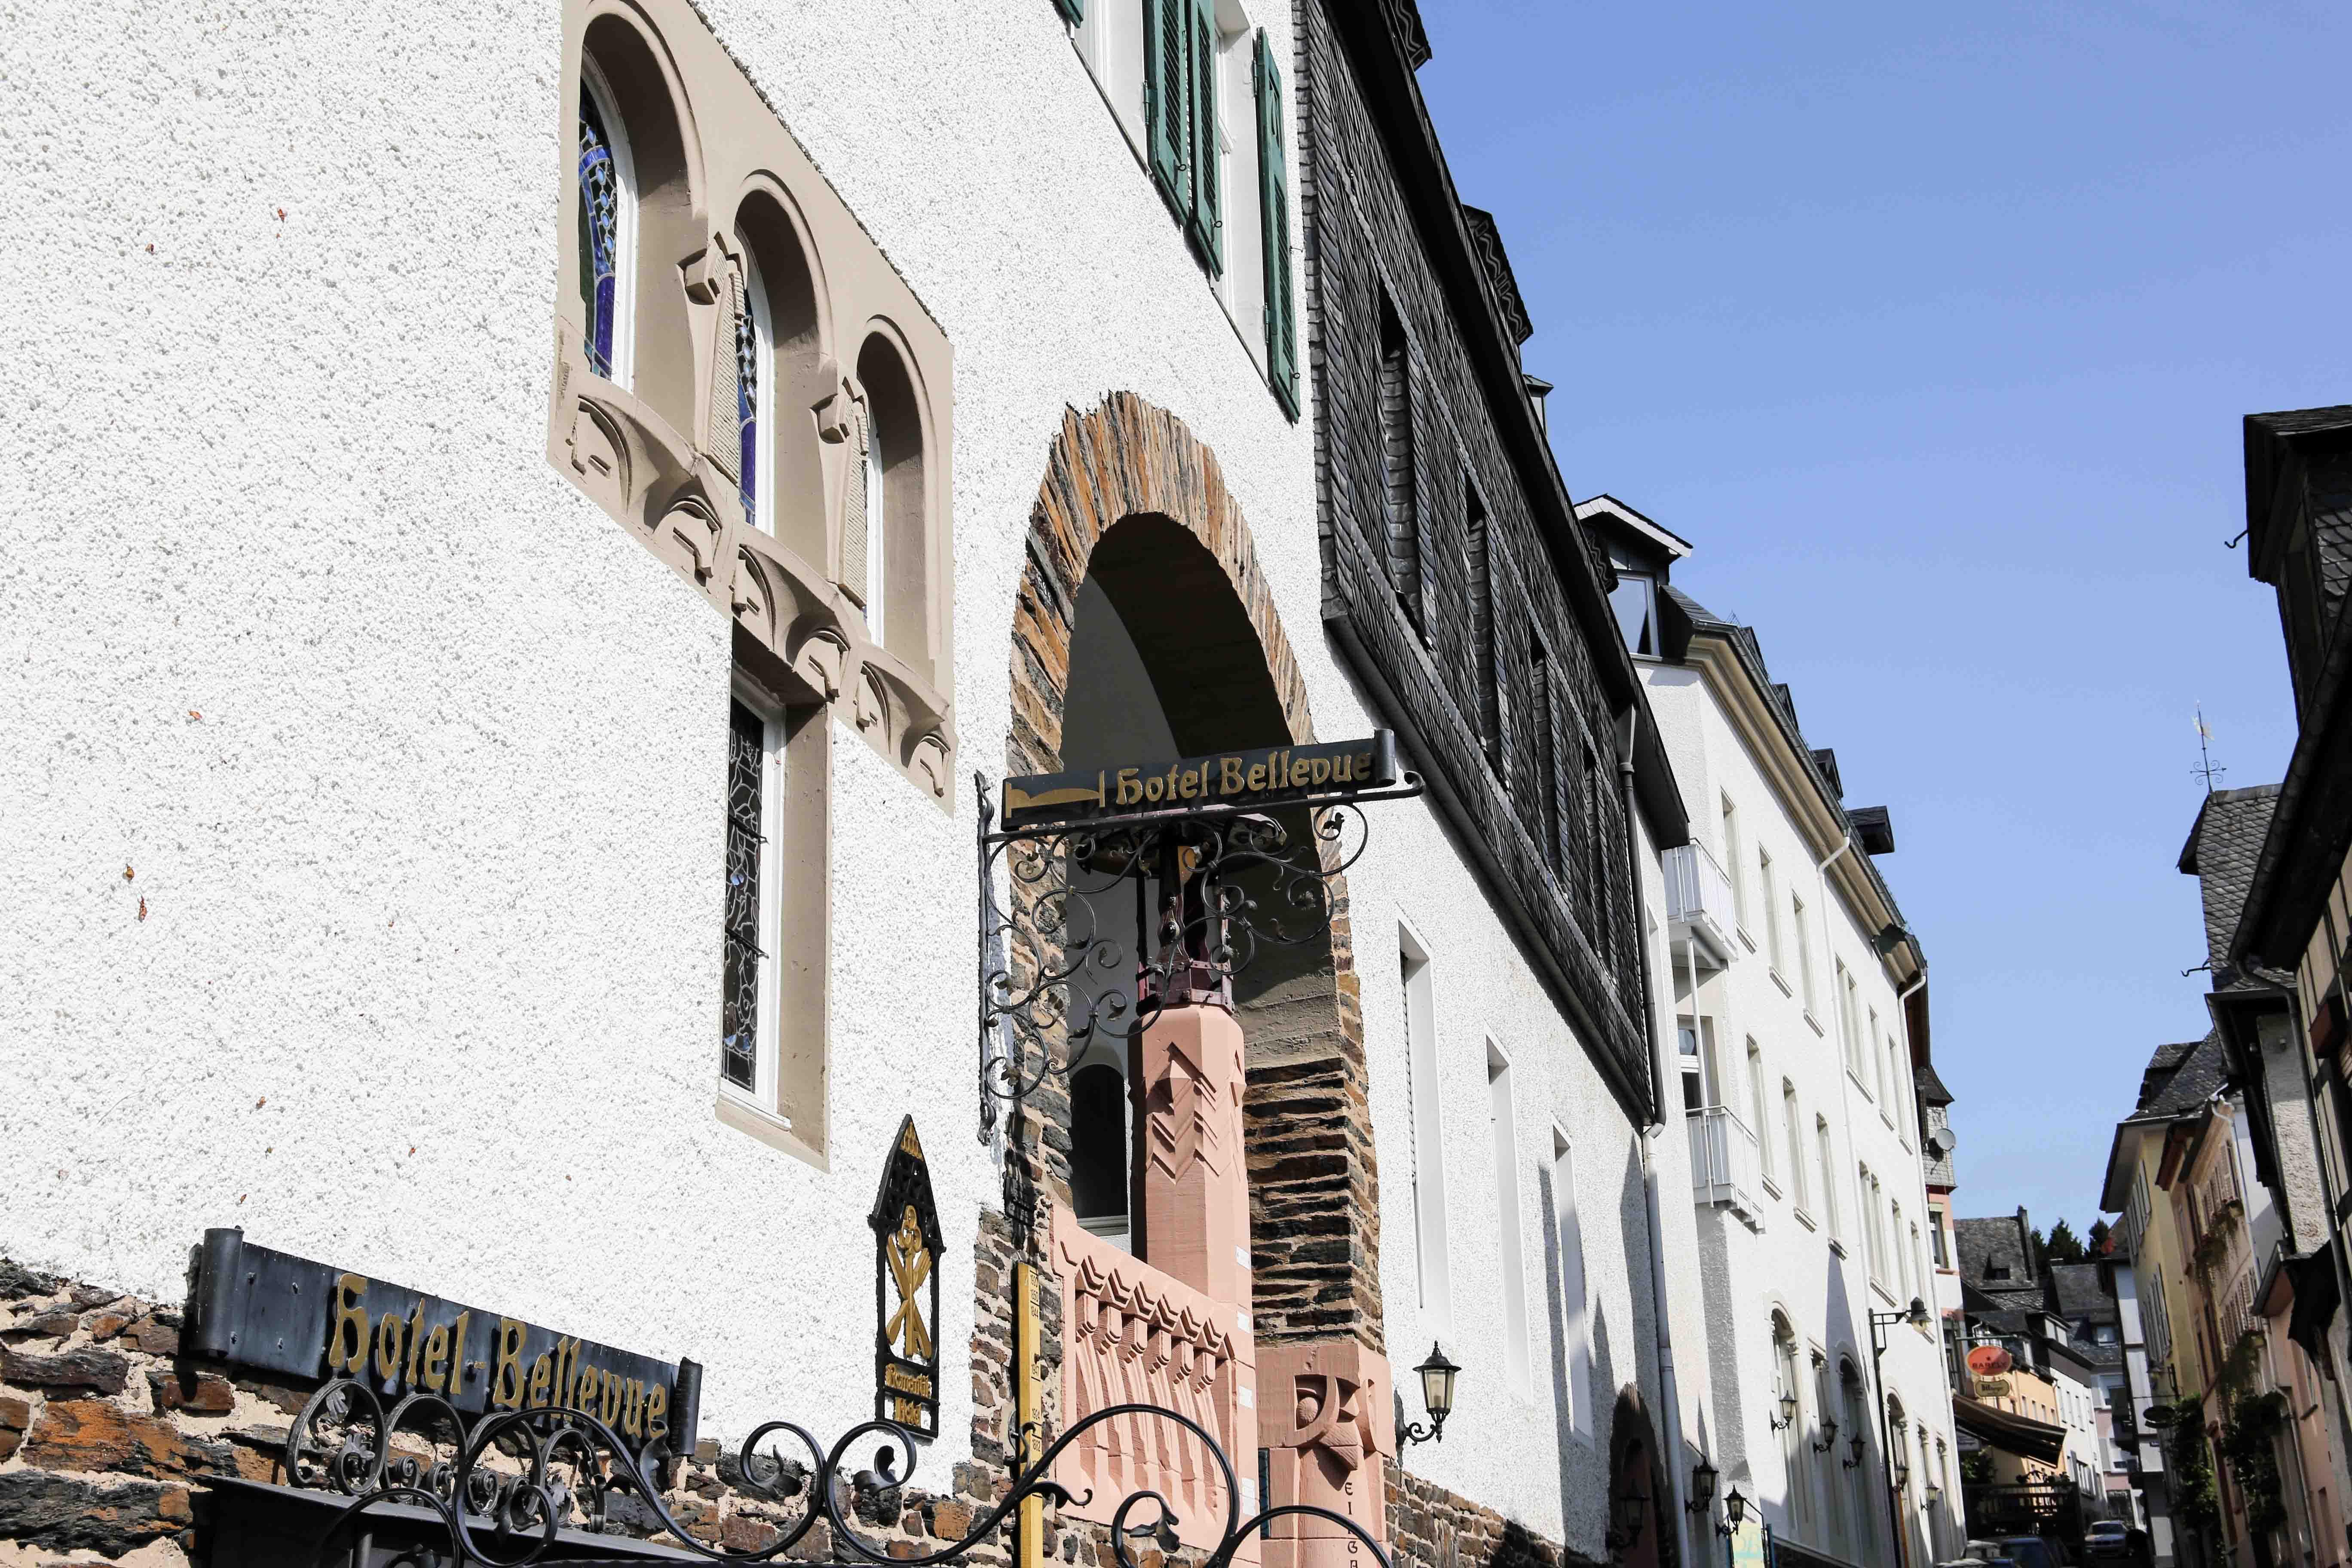 urlaub-mosel-regio-auszeit-romantik-jugendstilhotel-bellevue-traben-trarbach-deutschland-blogger_8810